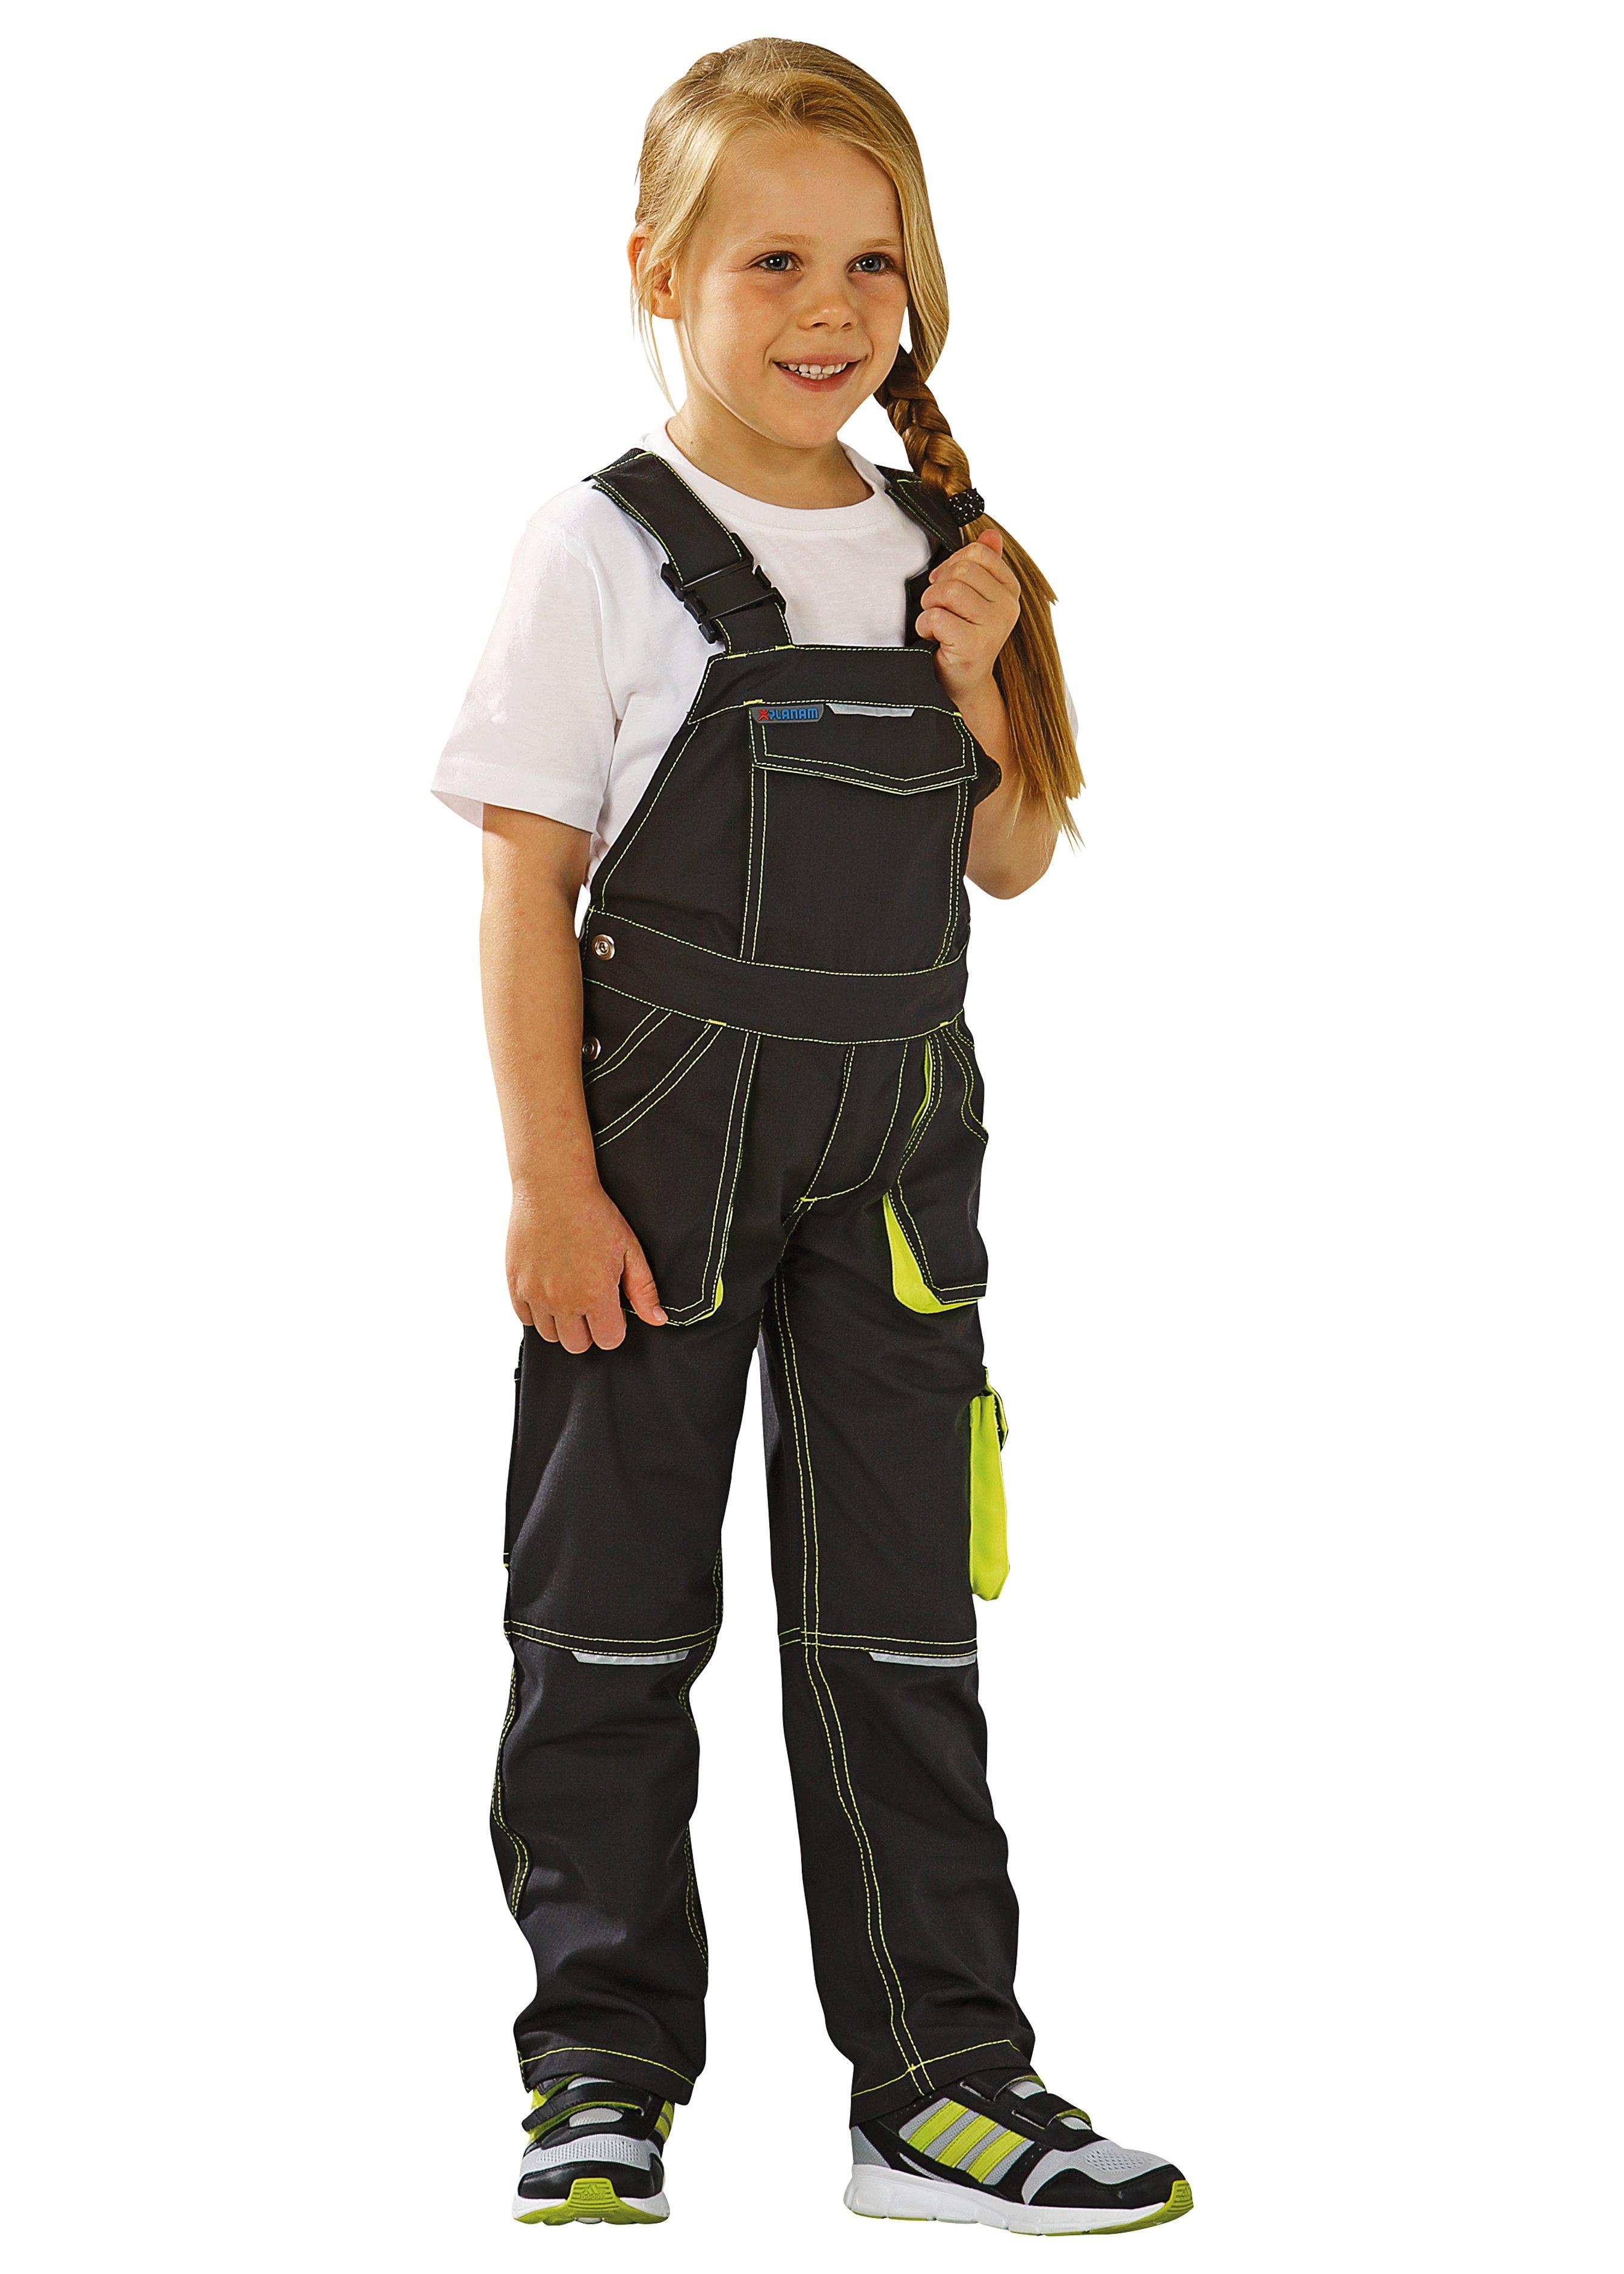 Salopette de travail Junior robuste pour enfants en 3 couleurs 183212110 1